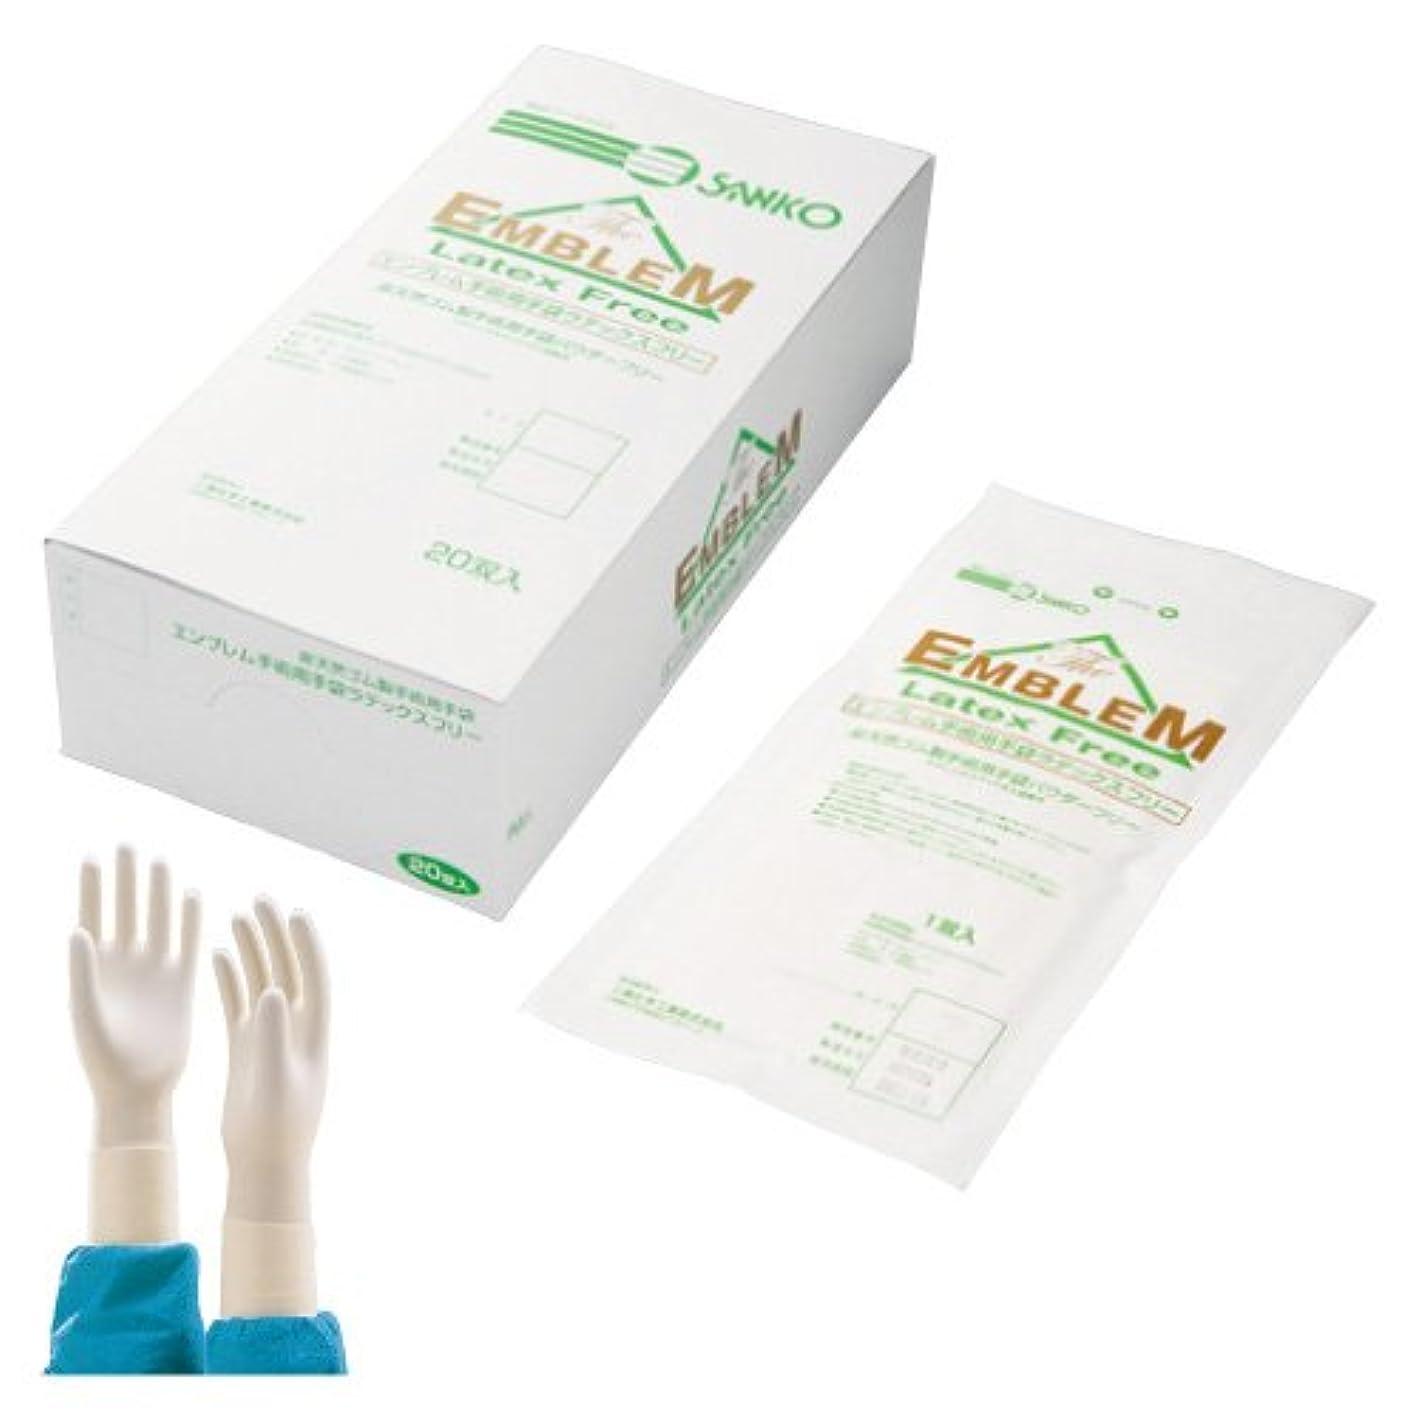 インタフェース倫理的ジョグエンブレム手術用手袋 7 <1箱(20双入)>